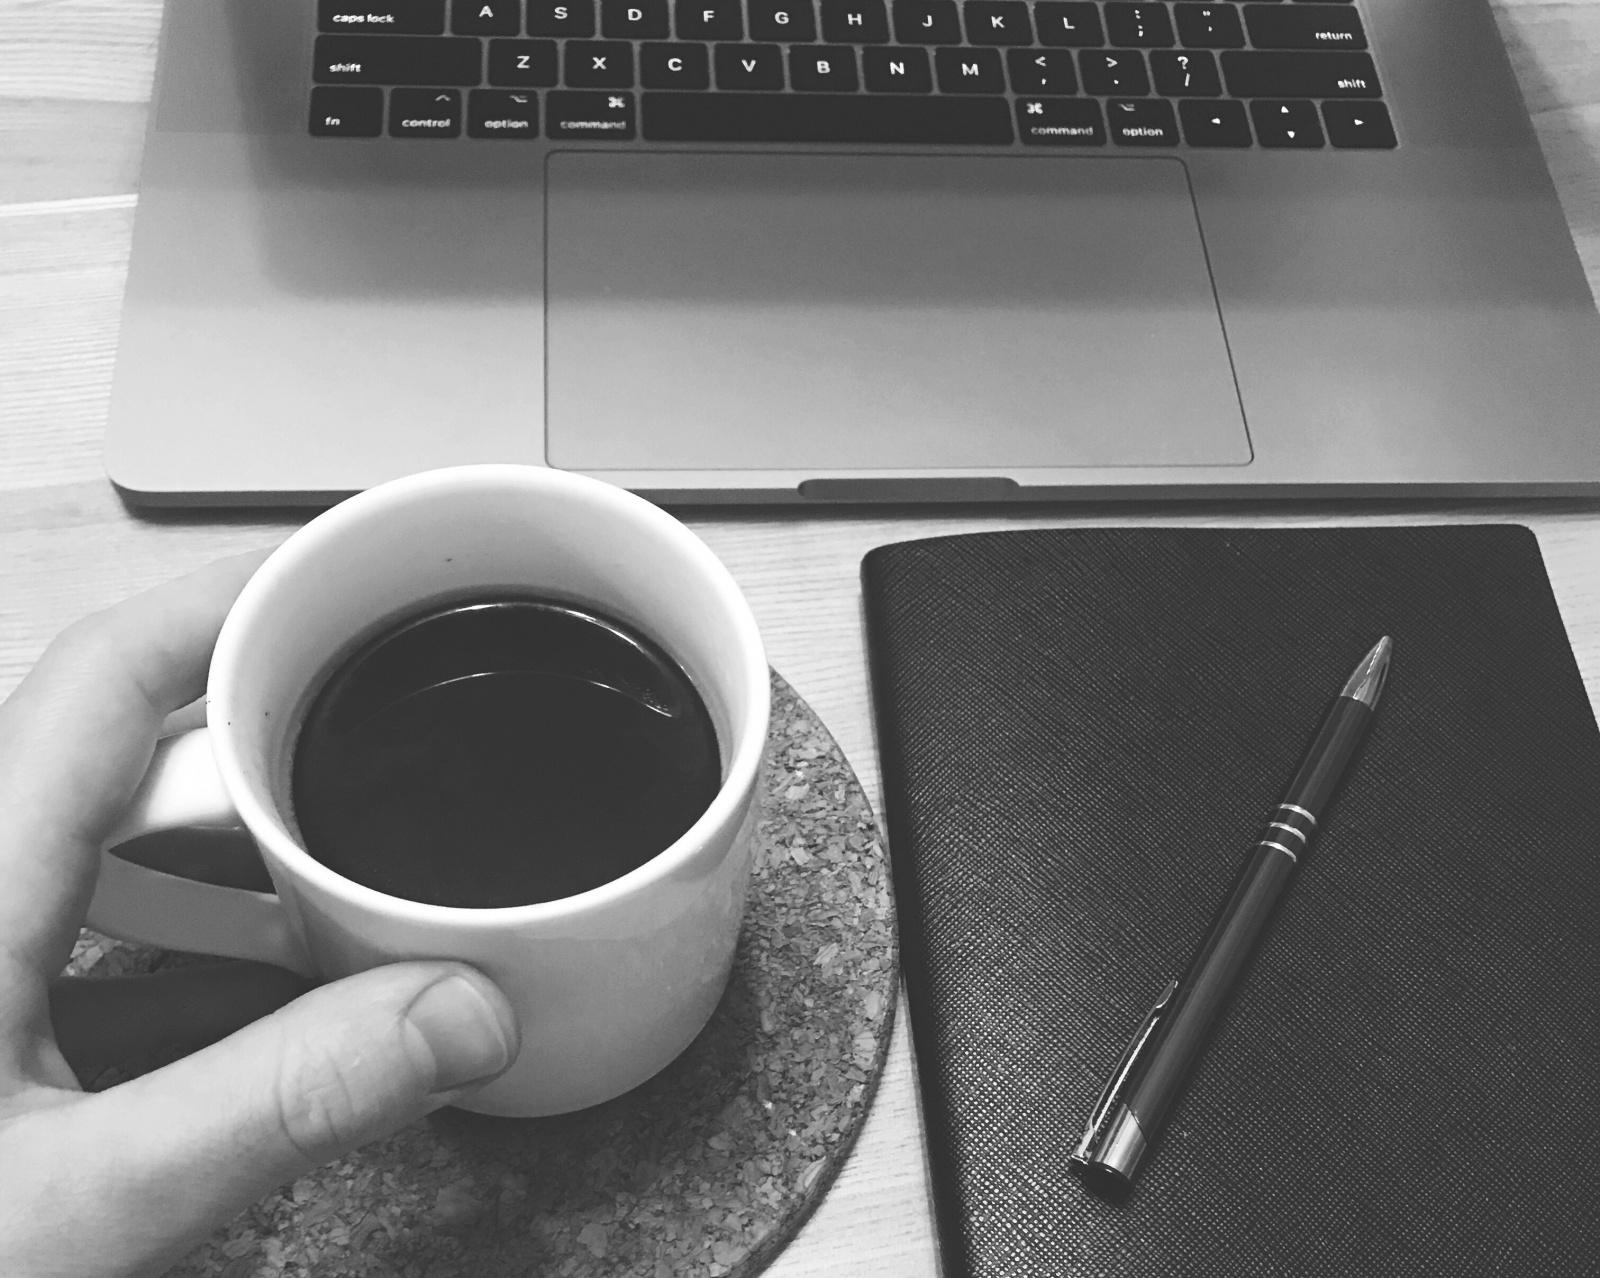 Реальный дизайн-процесс. Пошаговый рассказ о том, как создать бизнес-ориентированный сайт - 1